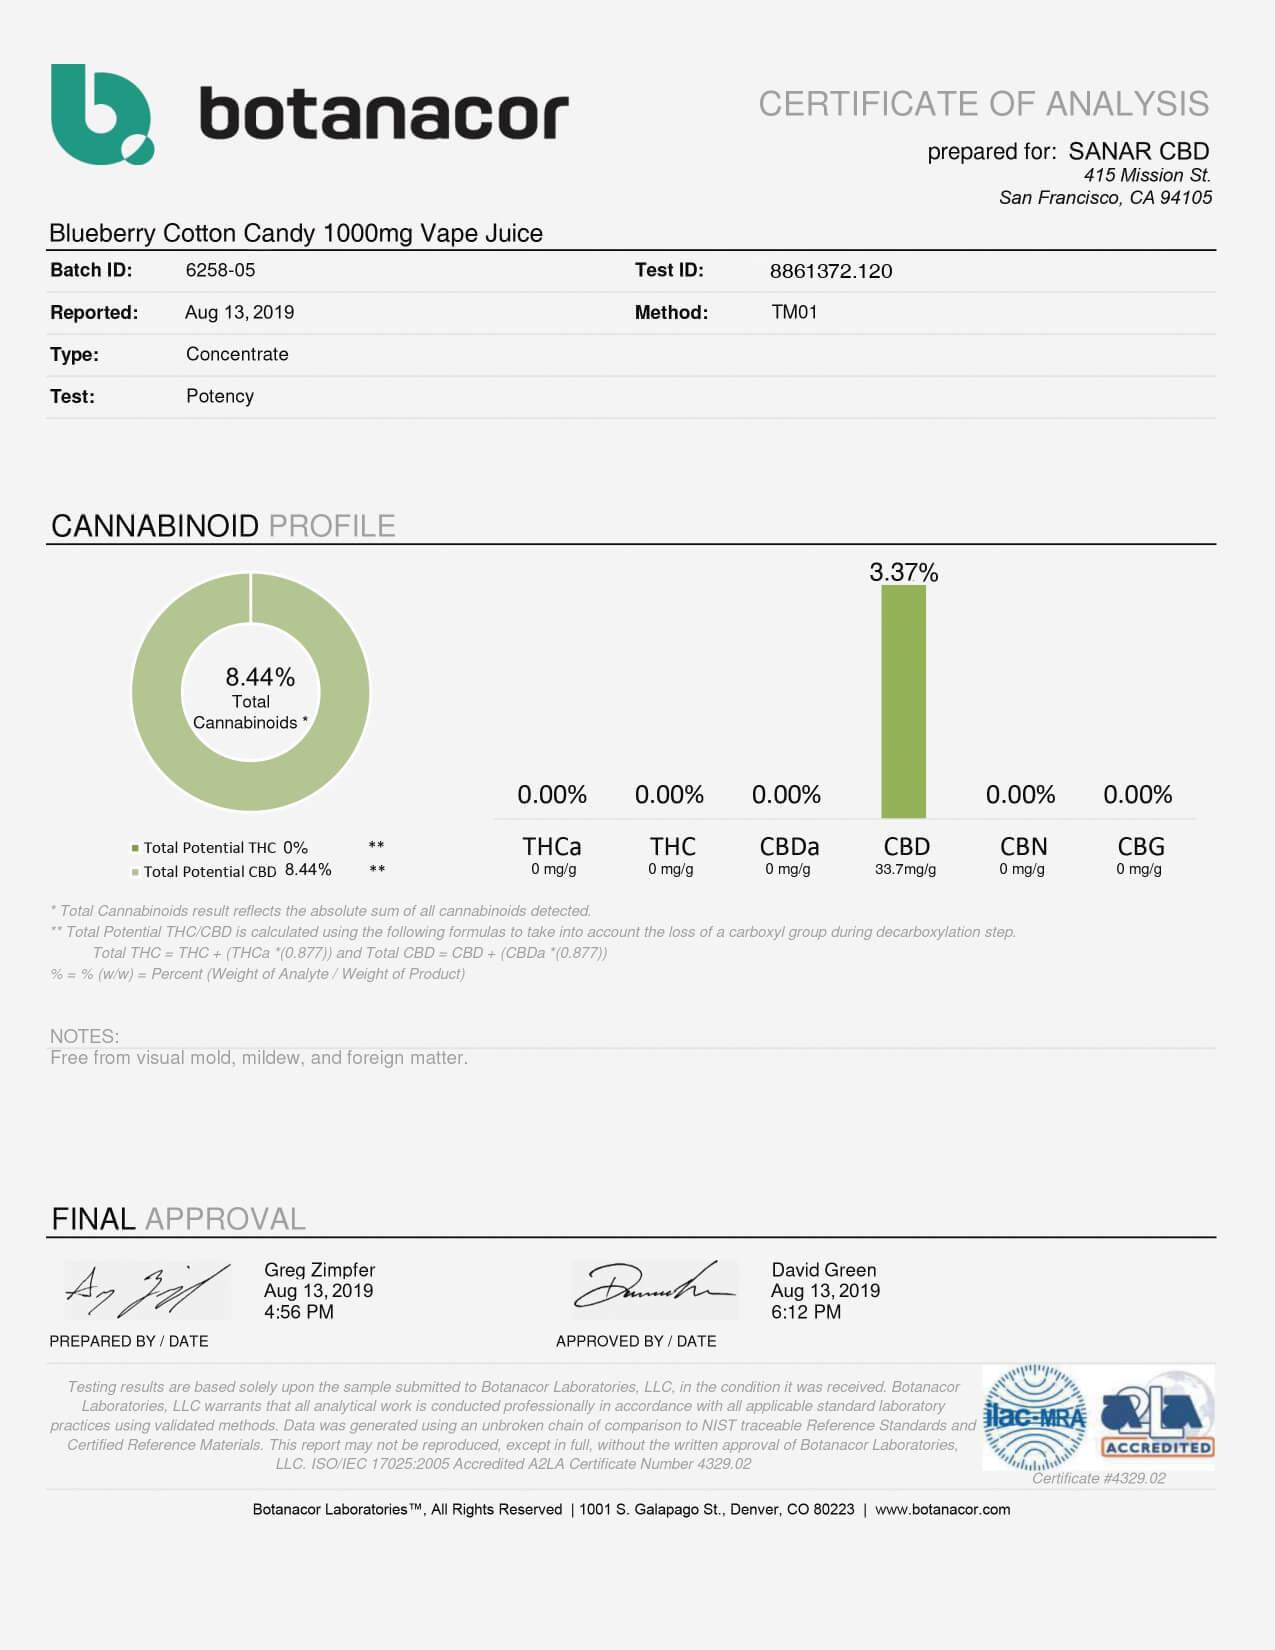 Sanar CBD Vape Juice Blueberry Cotton Candy 1000mg Lab Report